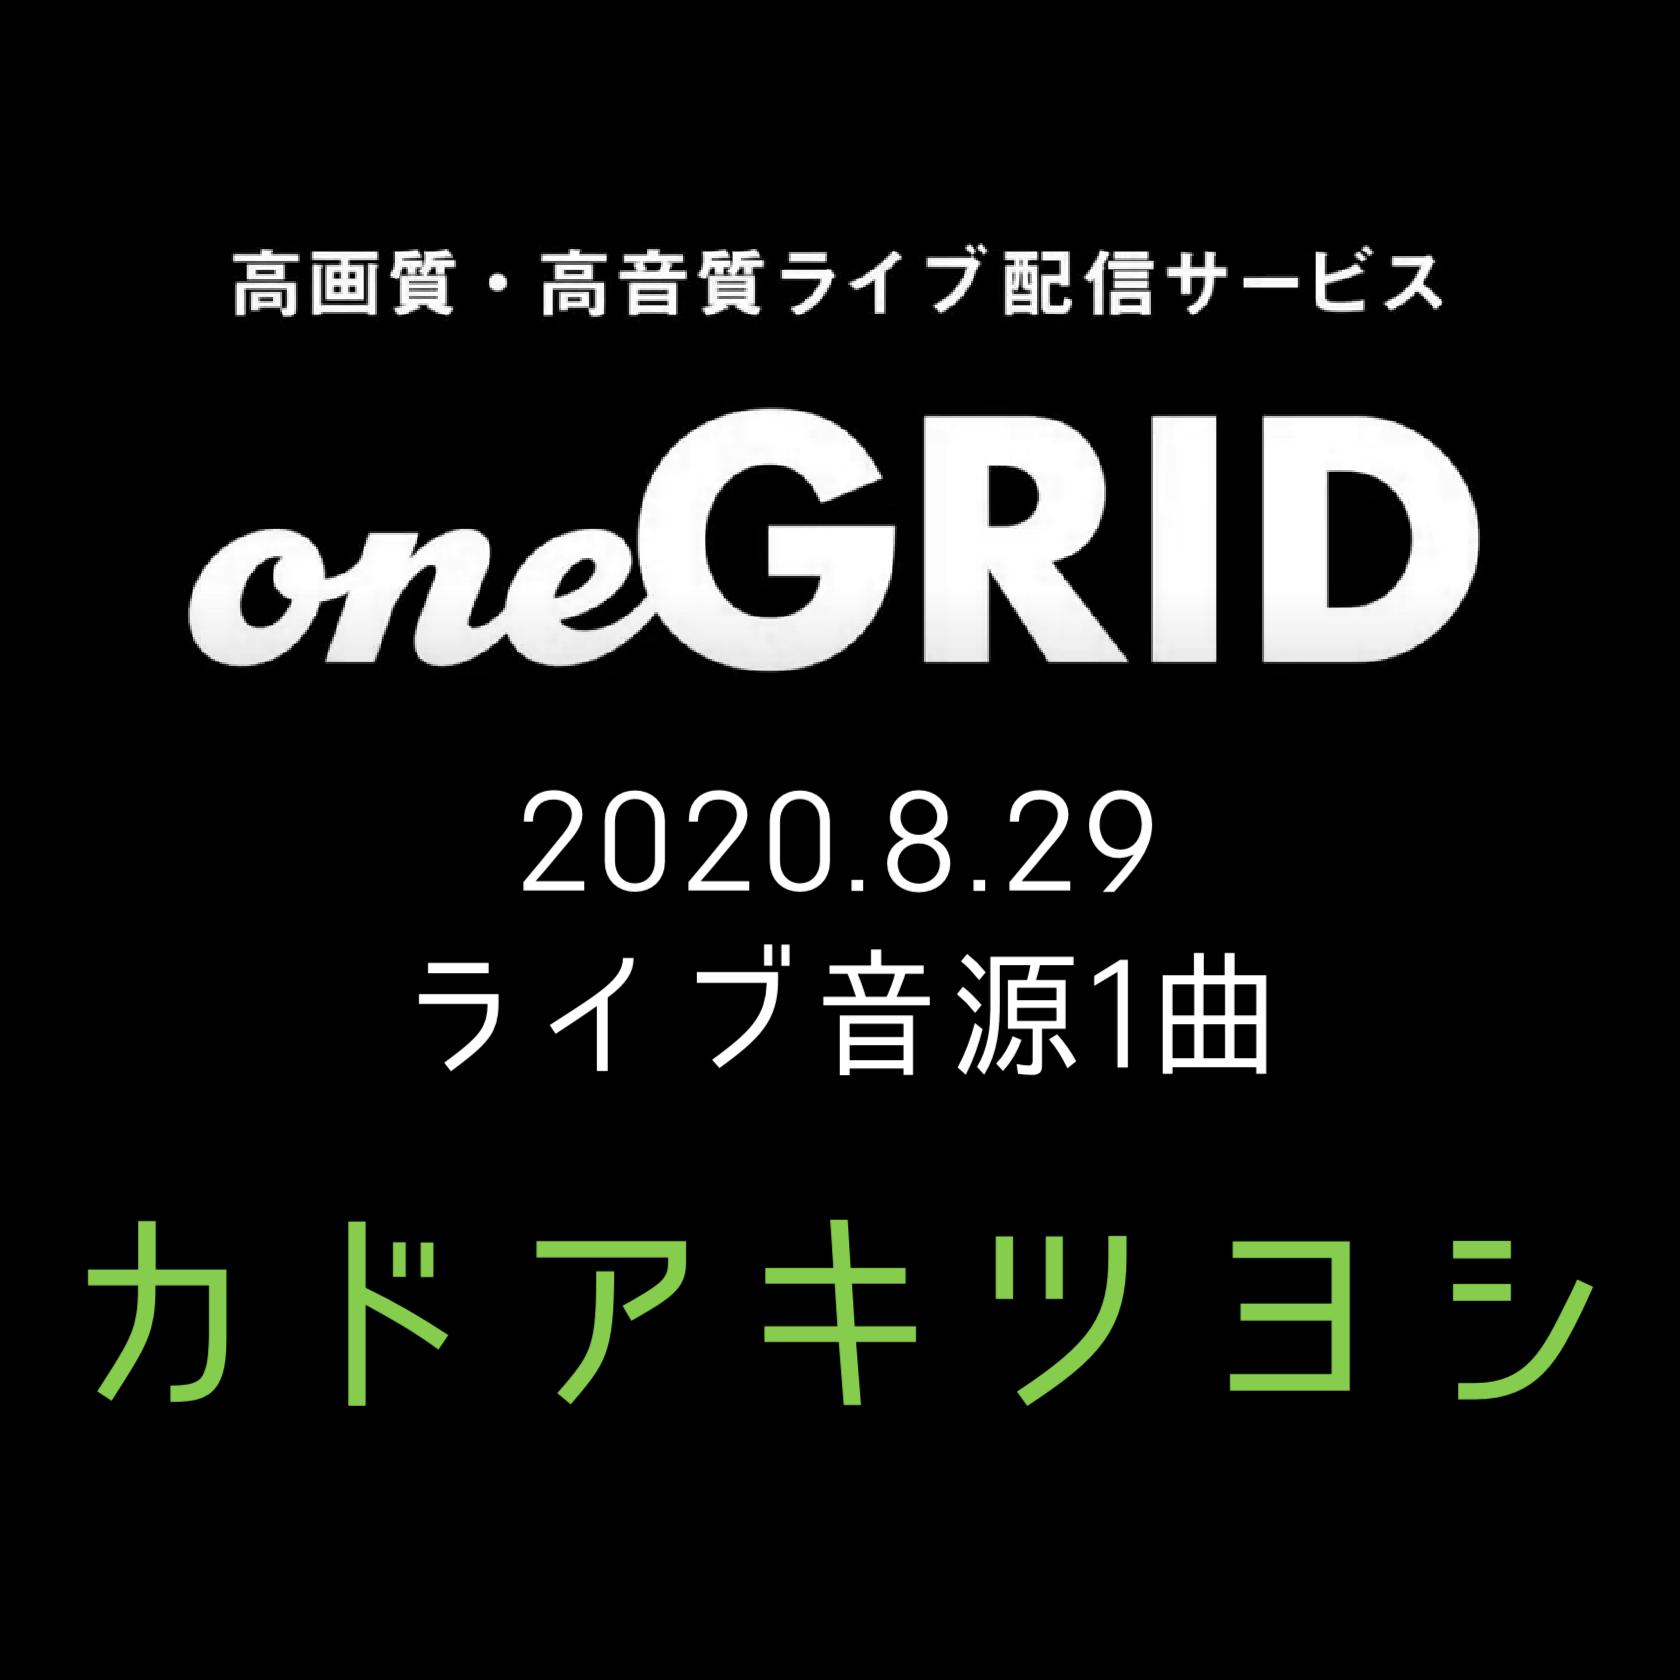 8/29カドアキツヨシライブ音源